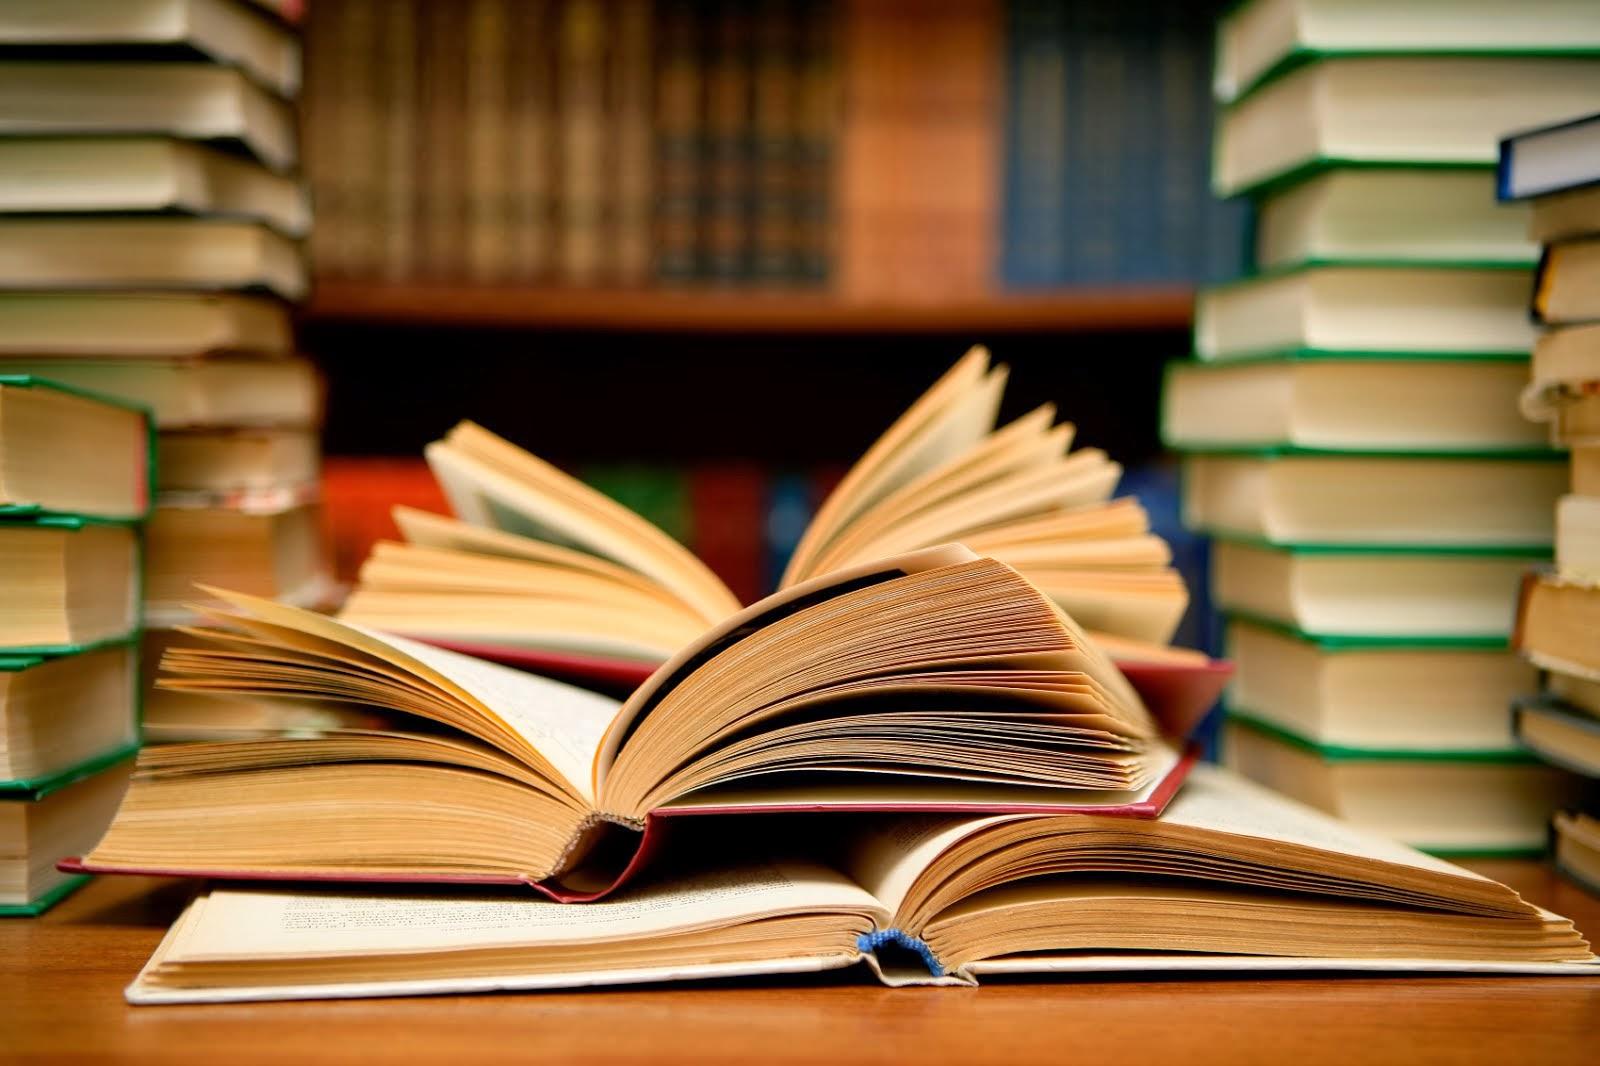 Πηγές με δωρεάν ελληνικά ηλεκτρονικά βιβλία .